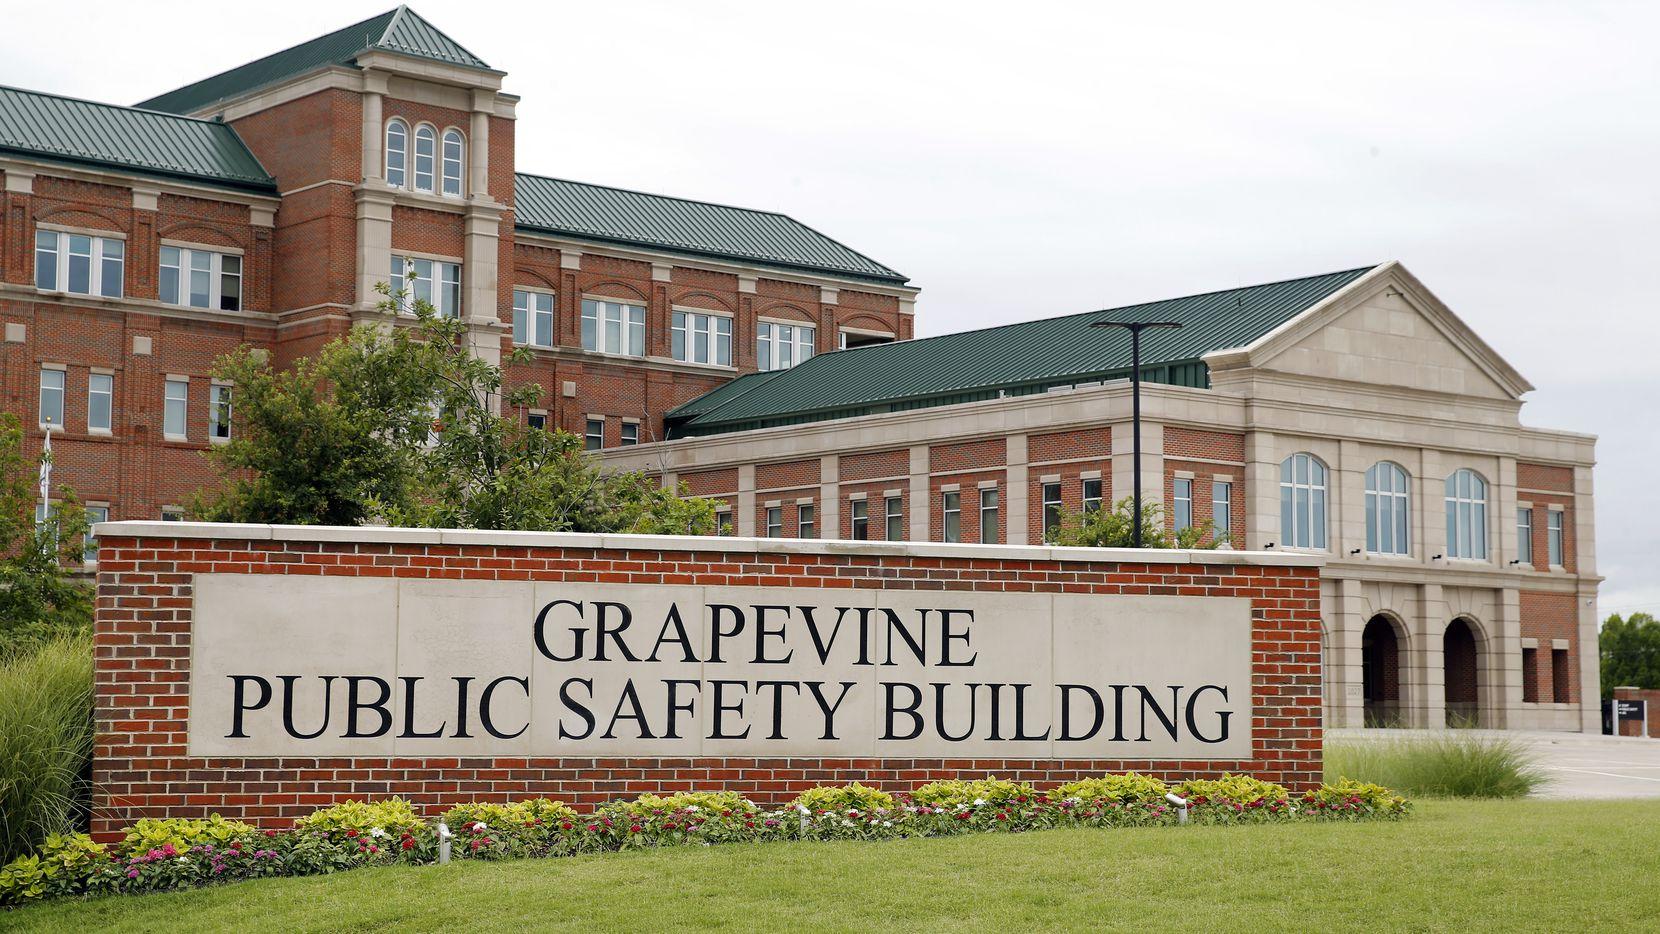 El edificio de Seguridad Pública de Grapevine. La policía de esa ciudad advirtió sobre posibles estafadores que se hacen pasar por oficiales.